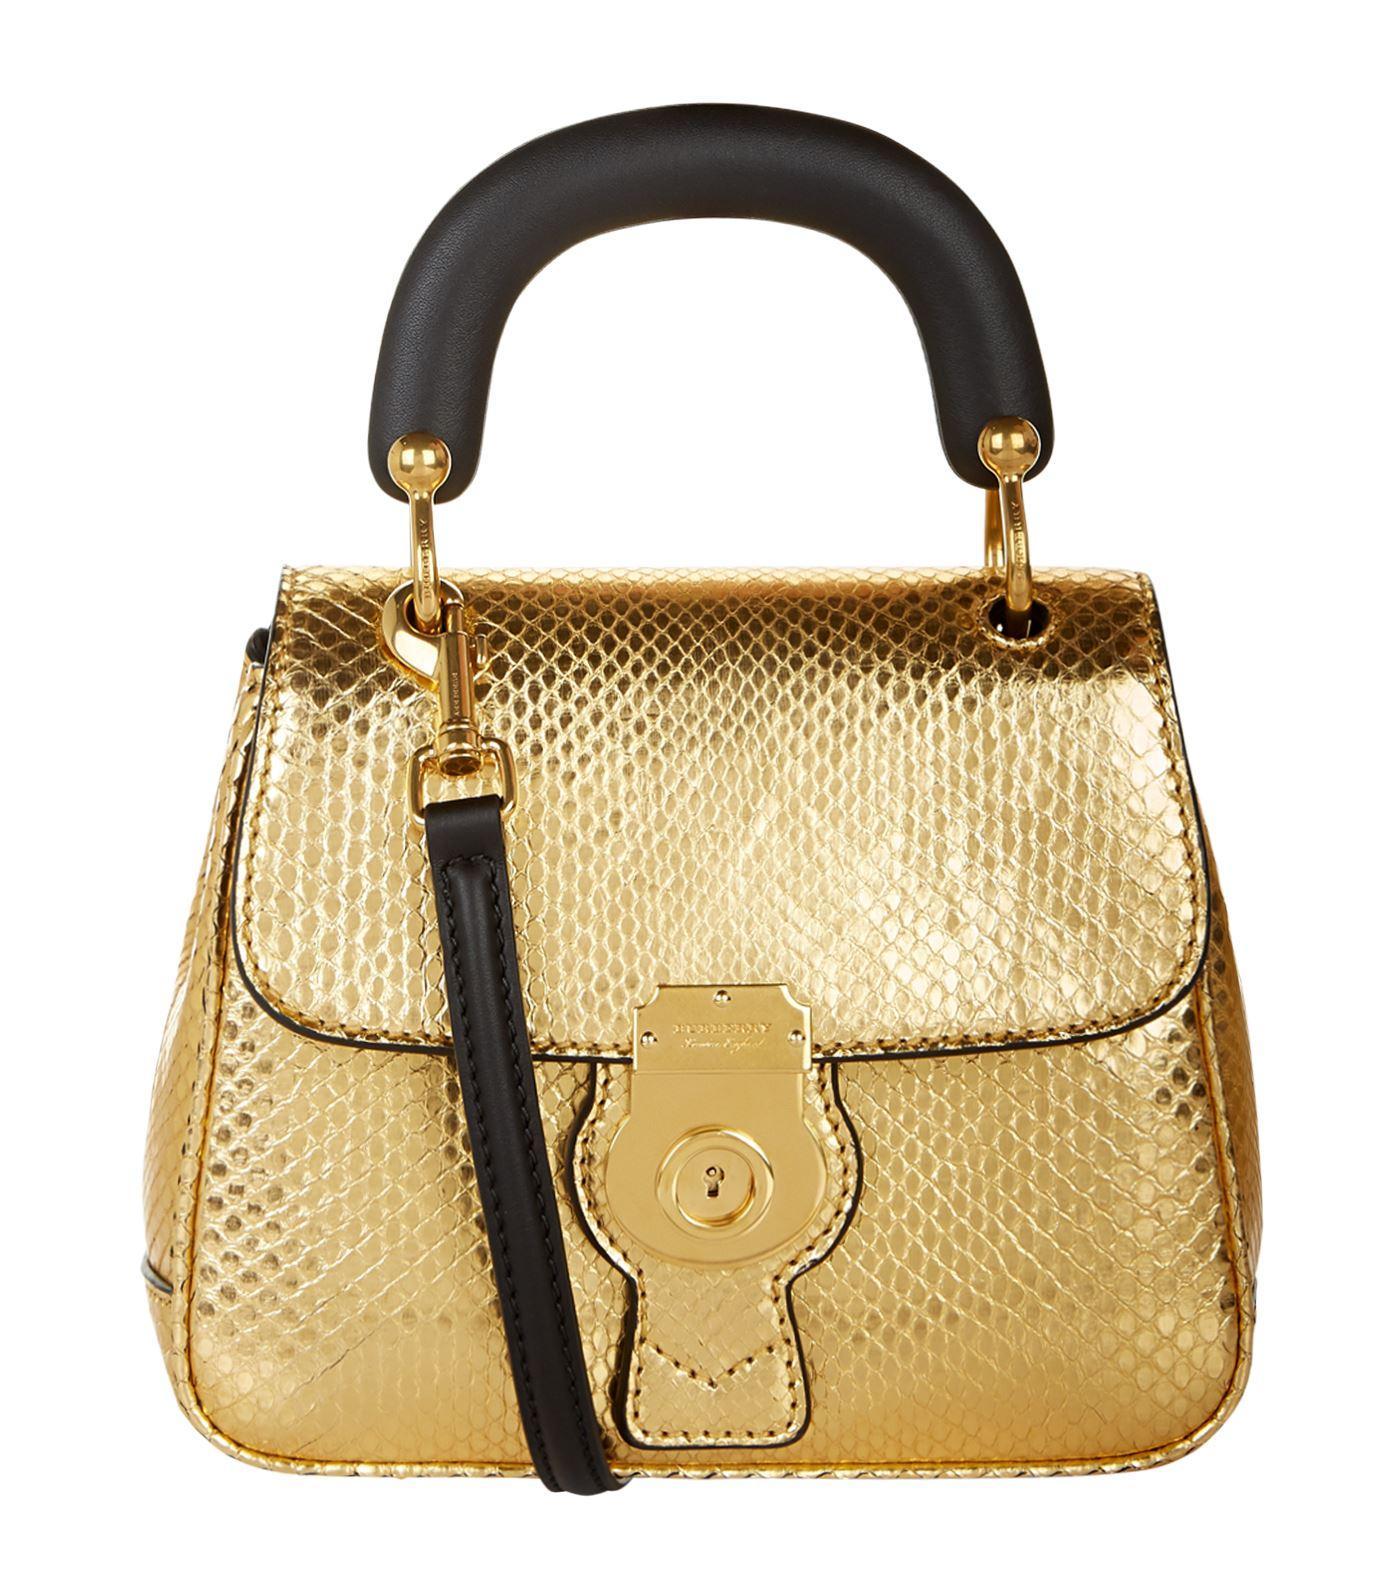 Burberry Small Dk88 Python Top Handle Bag, Yellow